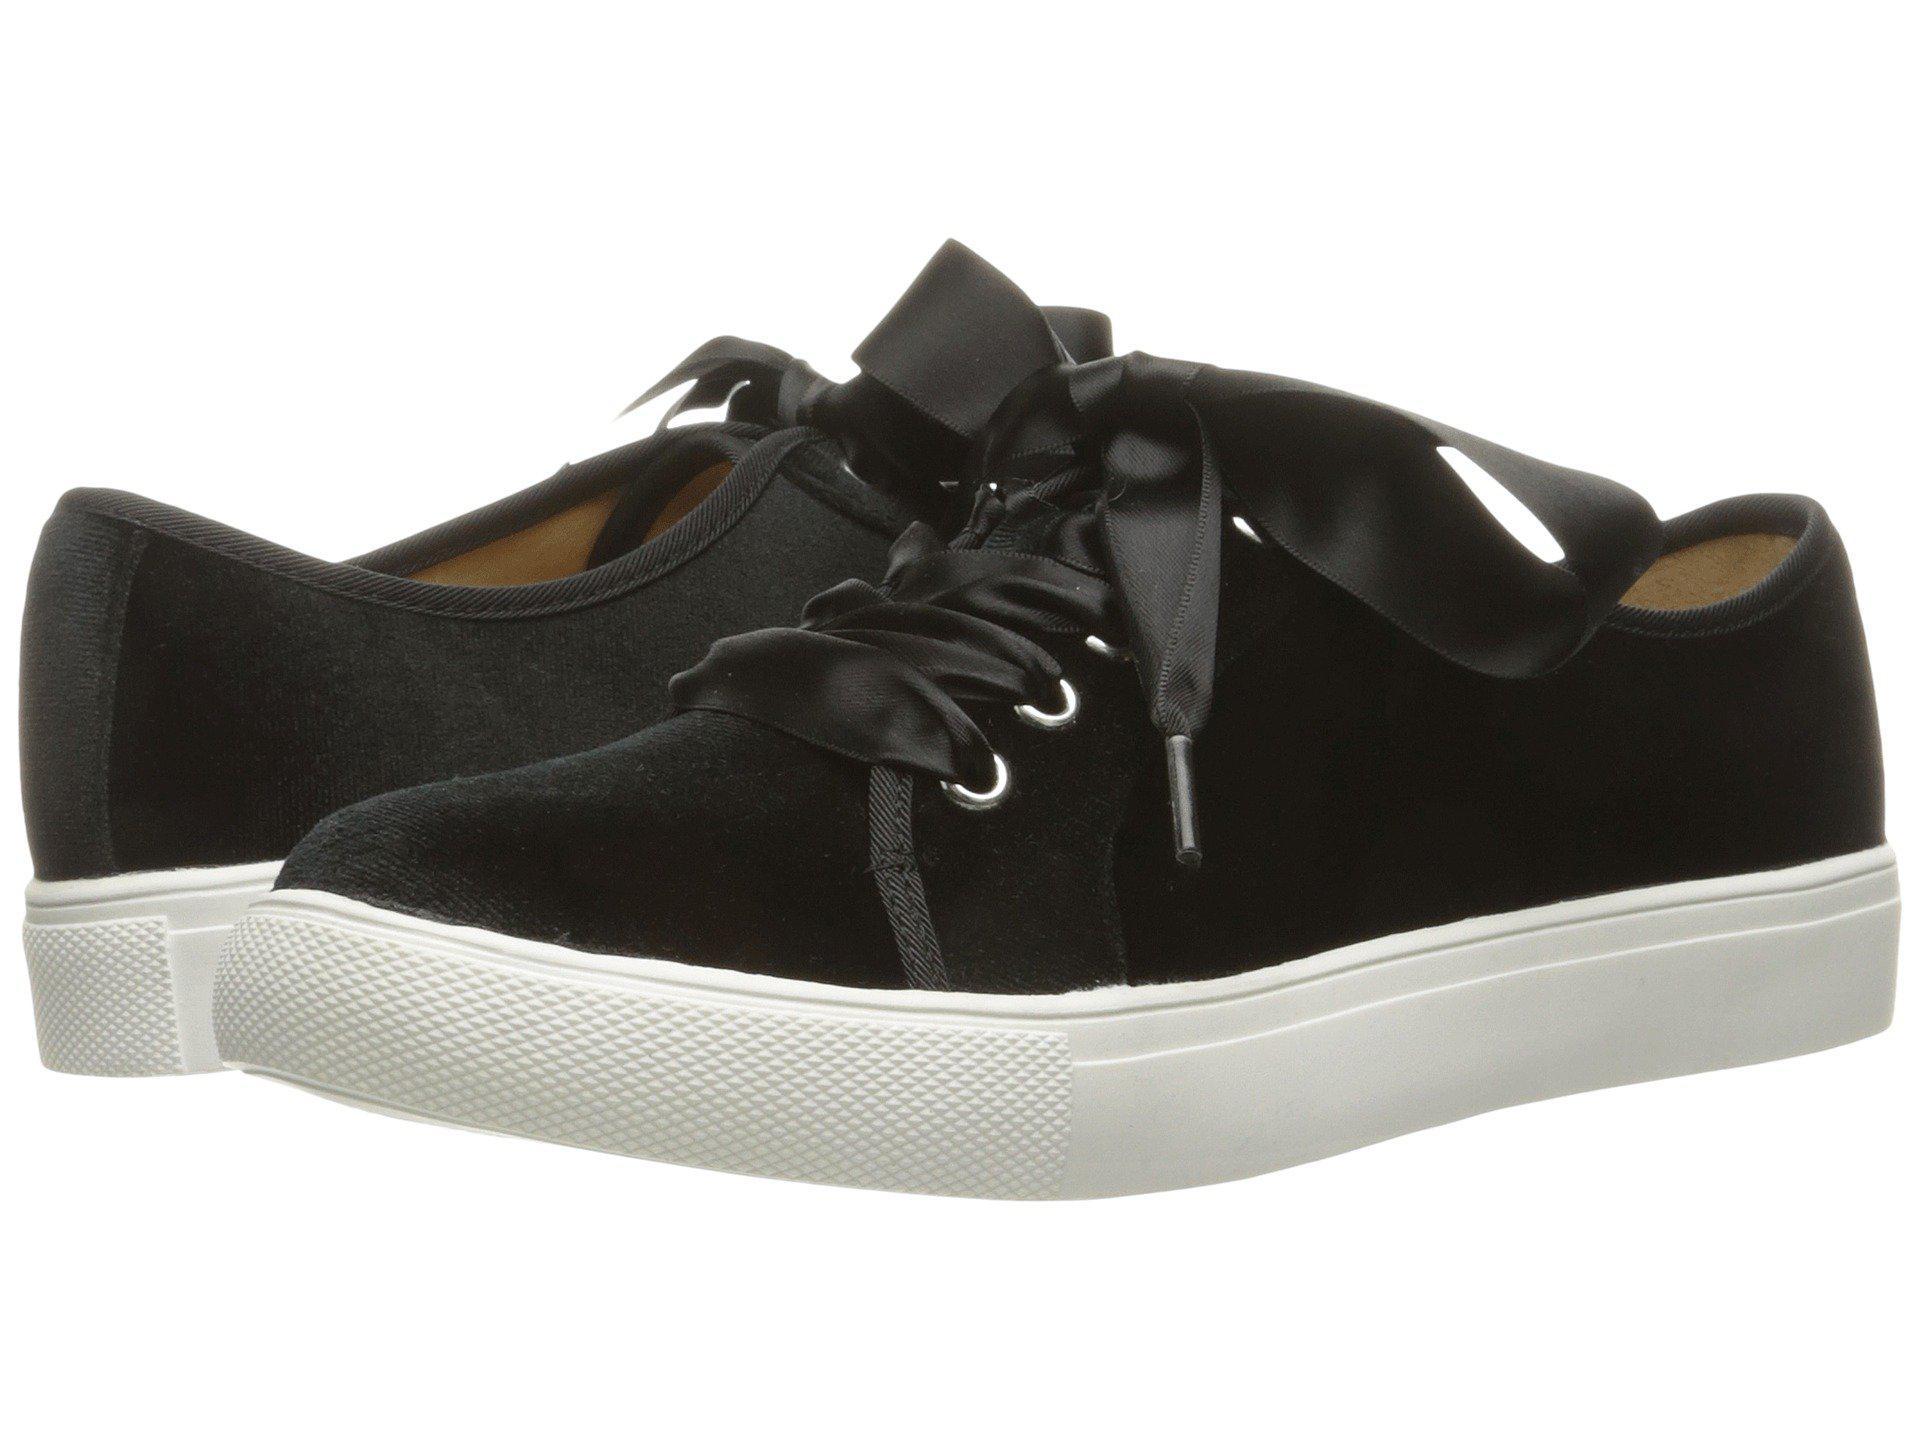 57862befa35273 Lyst - Dirty Laundry Fillmore Velvet Sneaker in Black - Save ...